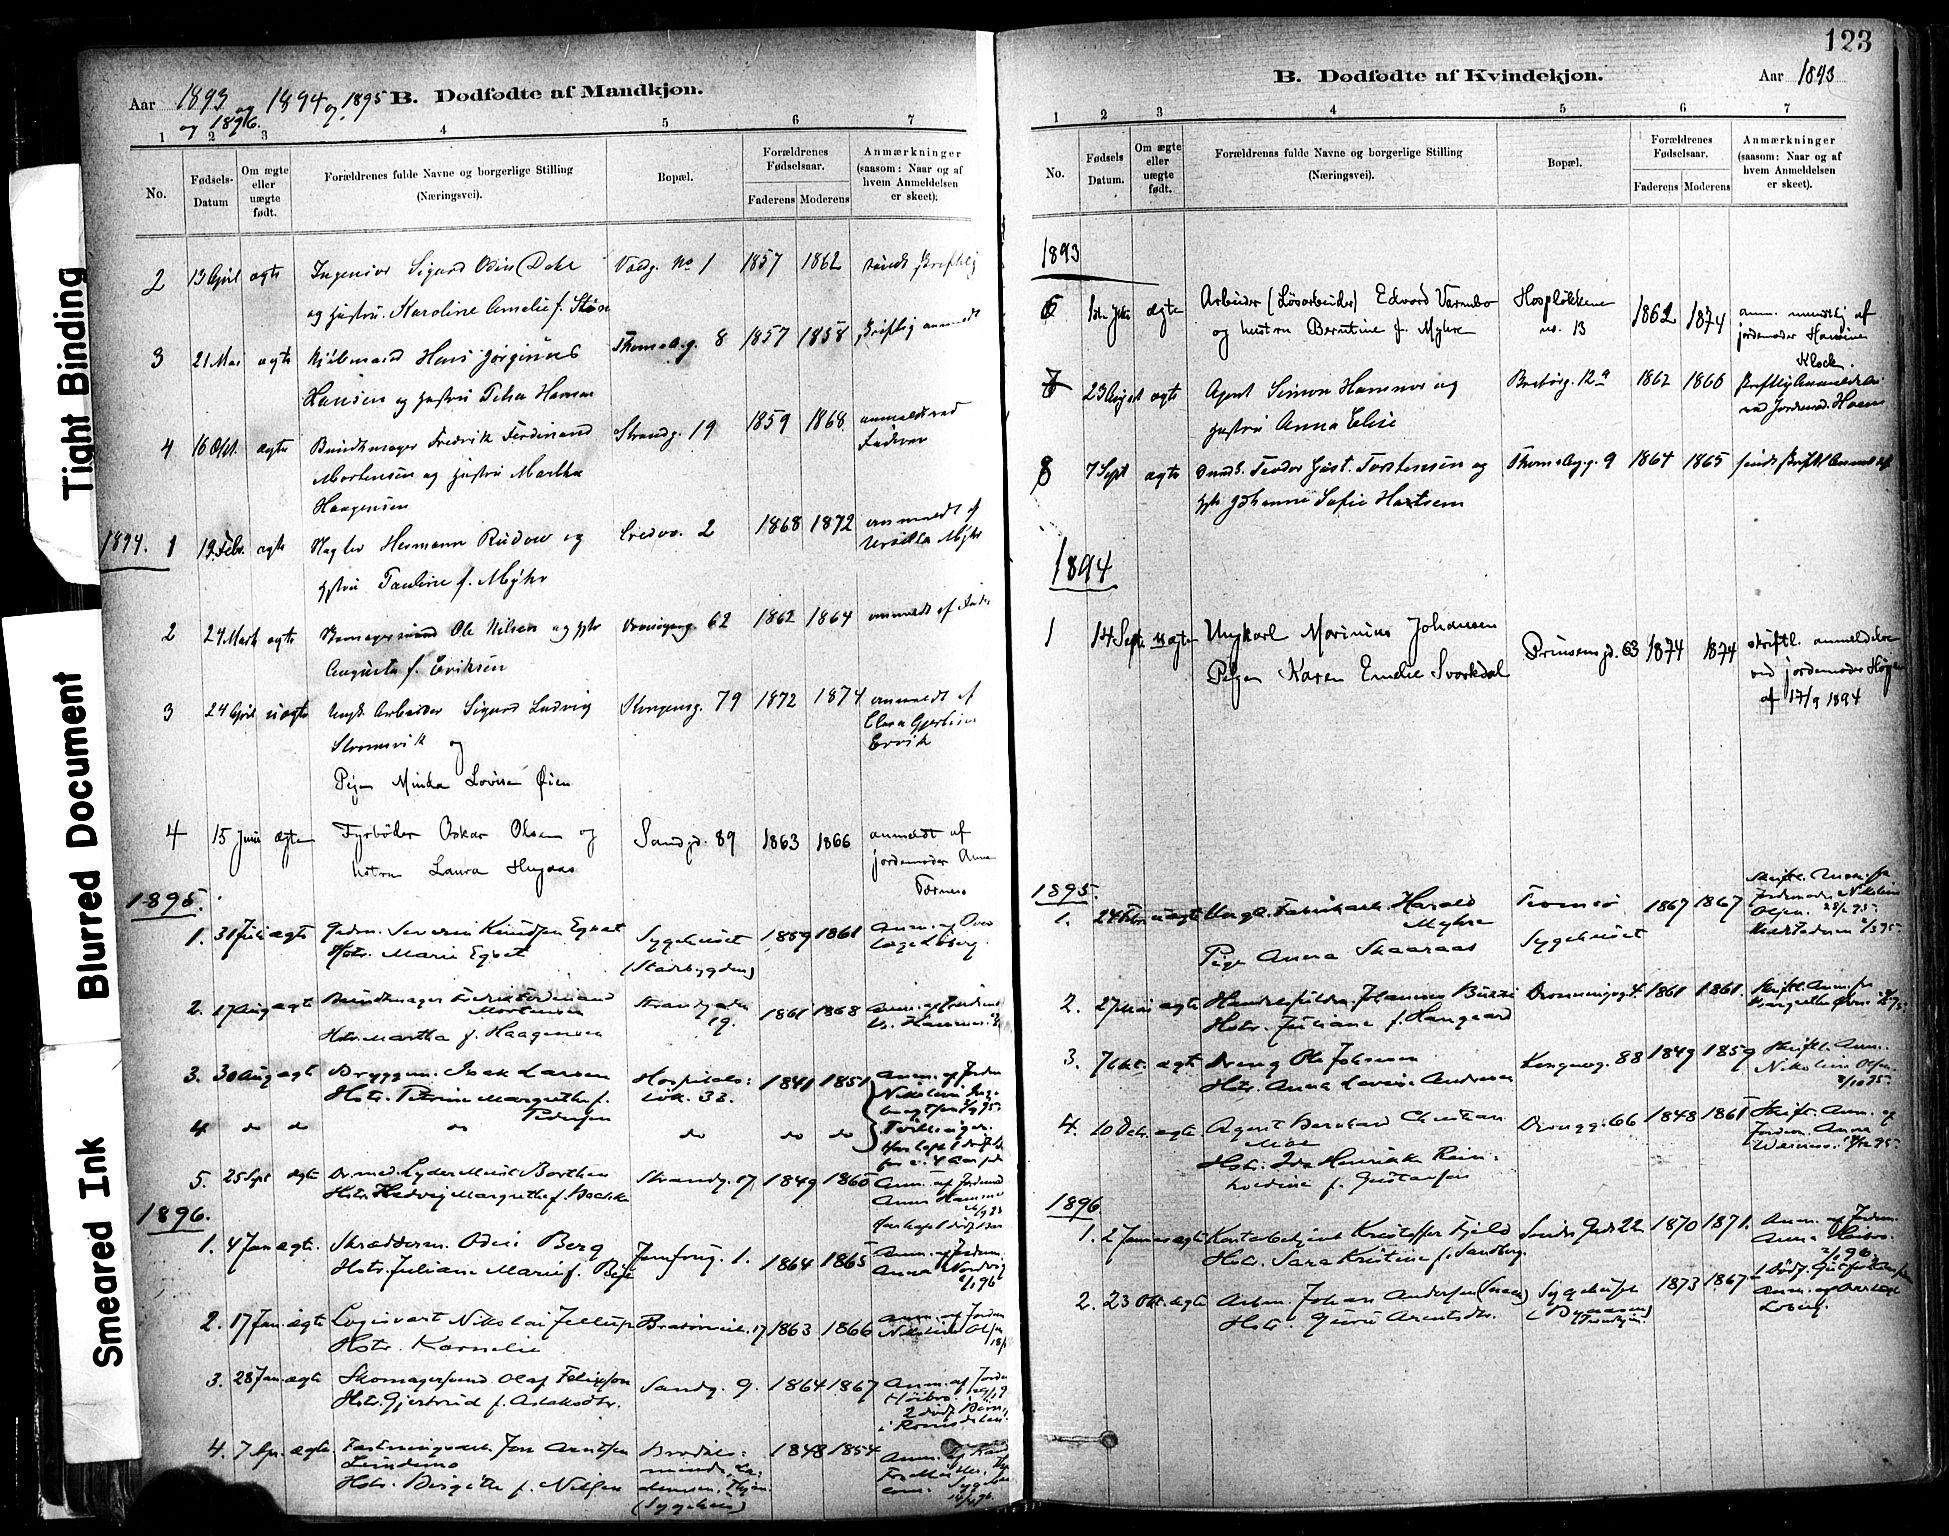 SAT, Ministerialprotokoller, klokkerbøker og fødselsregistre - Sør-Trøndelag, 602/L0119: Ministerialbok nr. 602A17, 1880-1901, s. 123